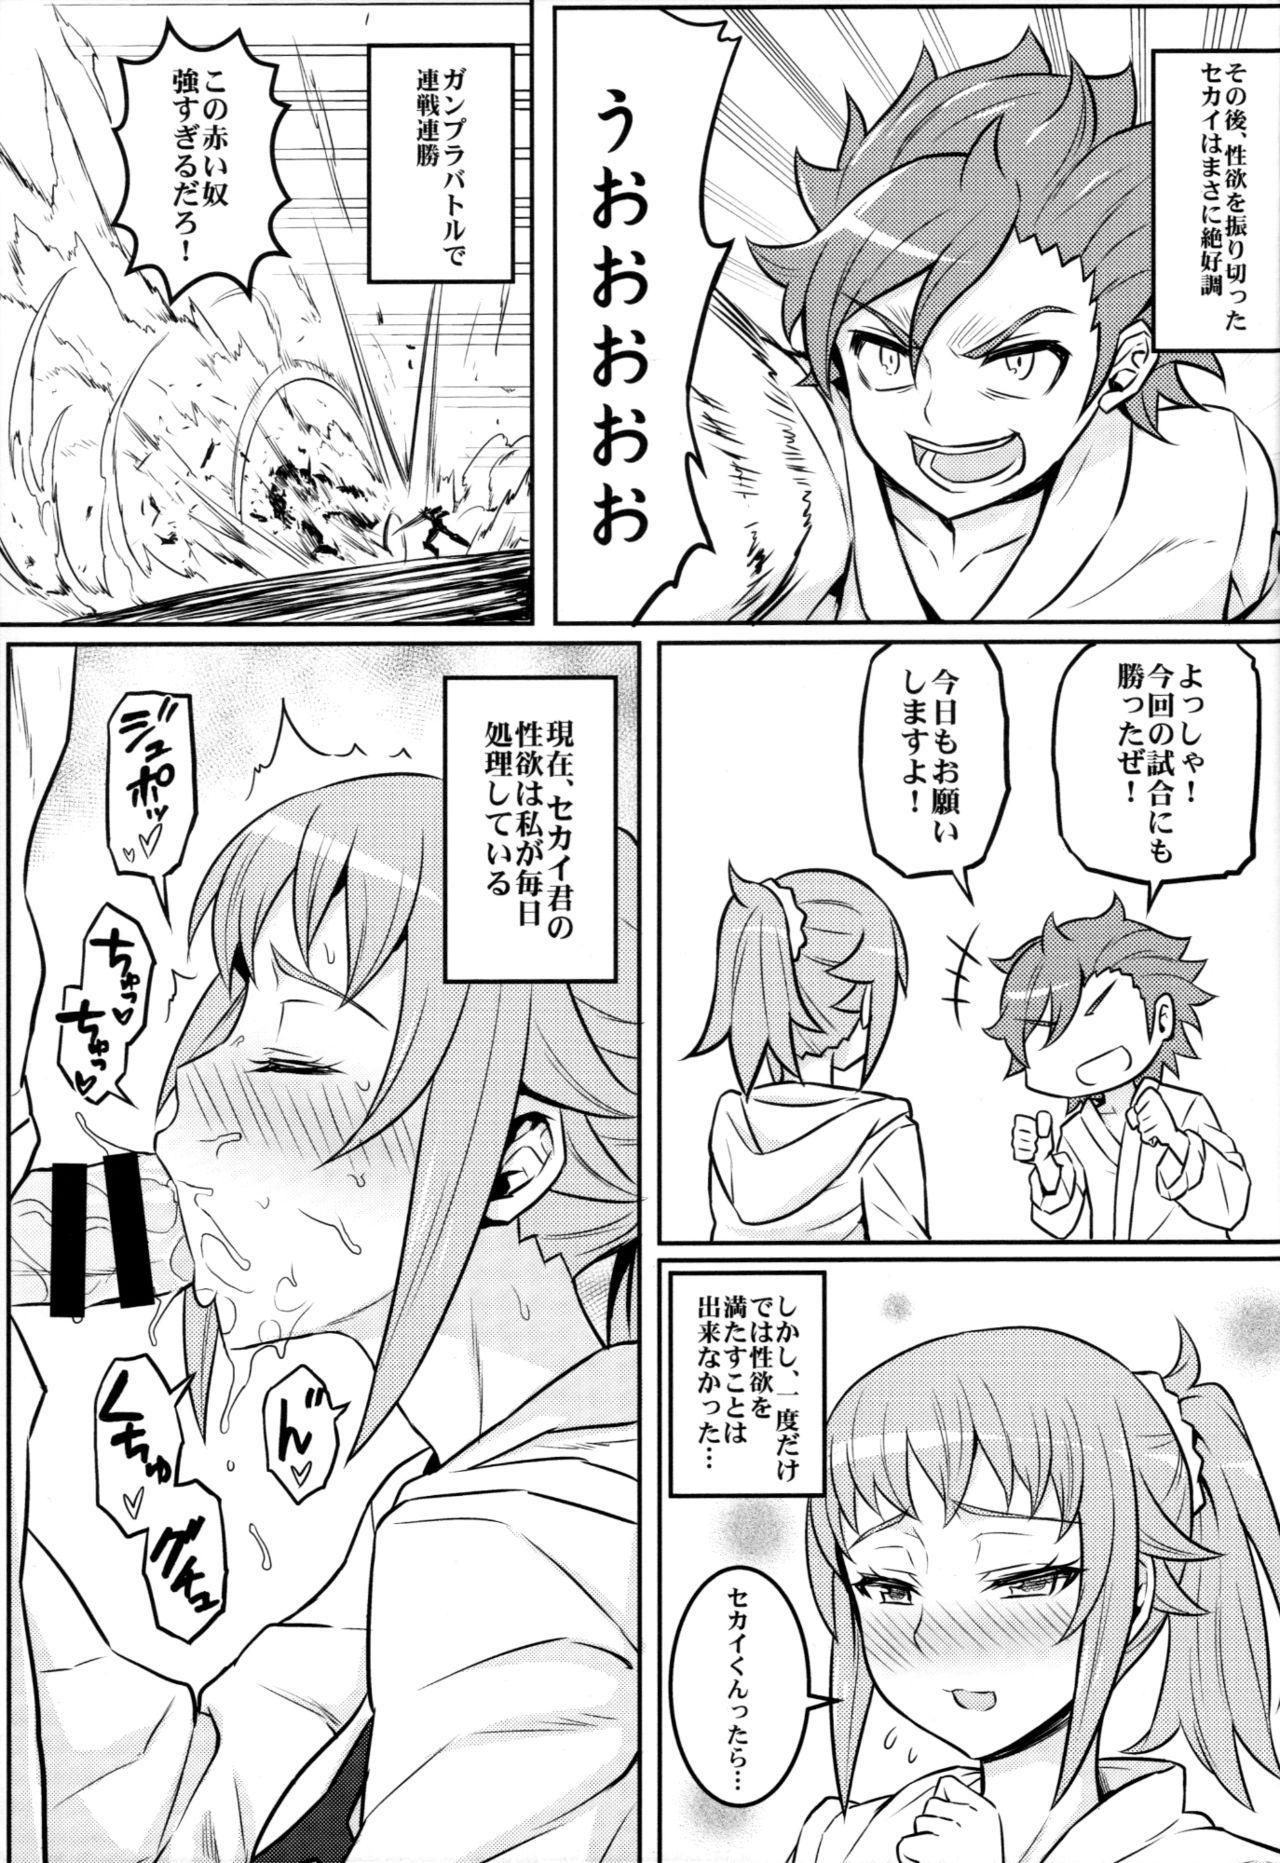 Nayamashii Fighters 9